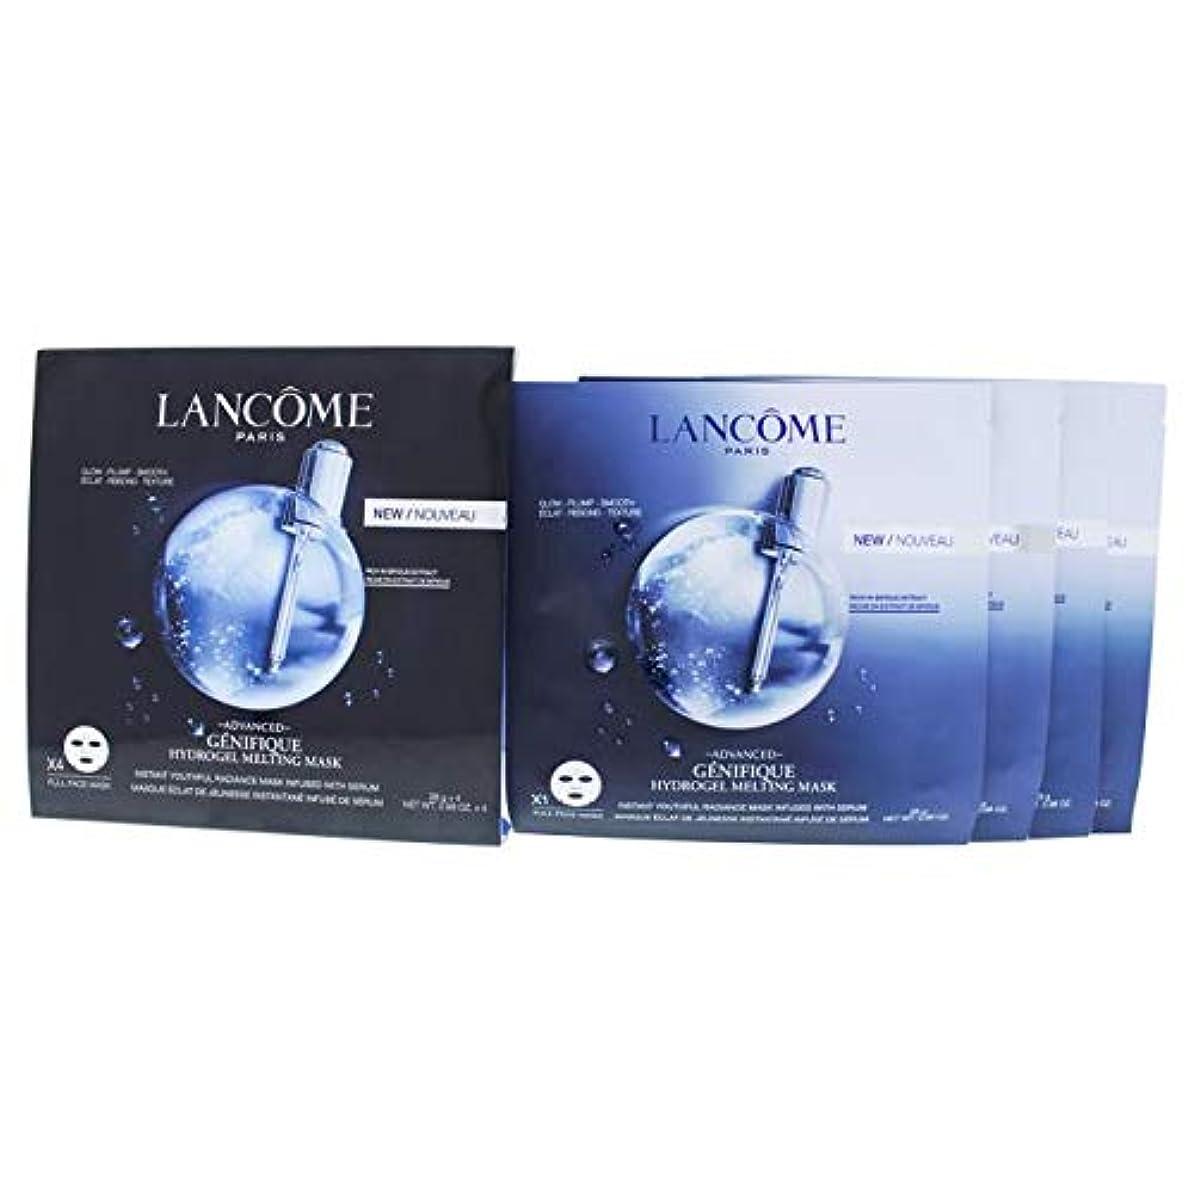 式指導する本を読むランコム Genifique Advanced Hydrogel Melting Mask 4sheets並行輸入品